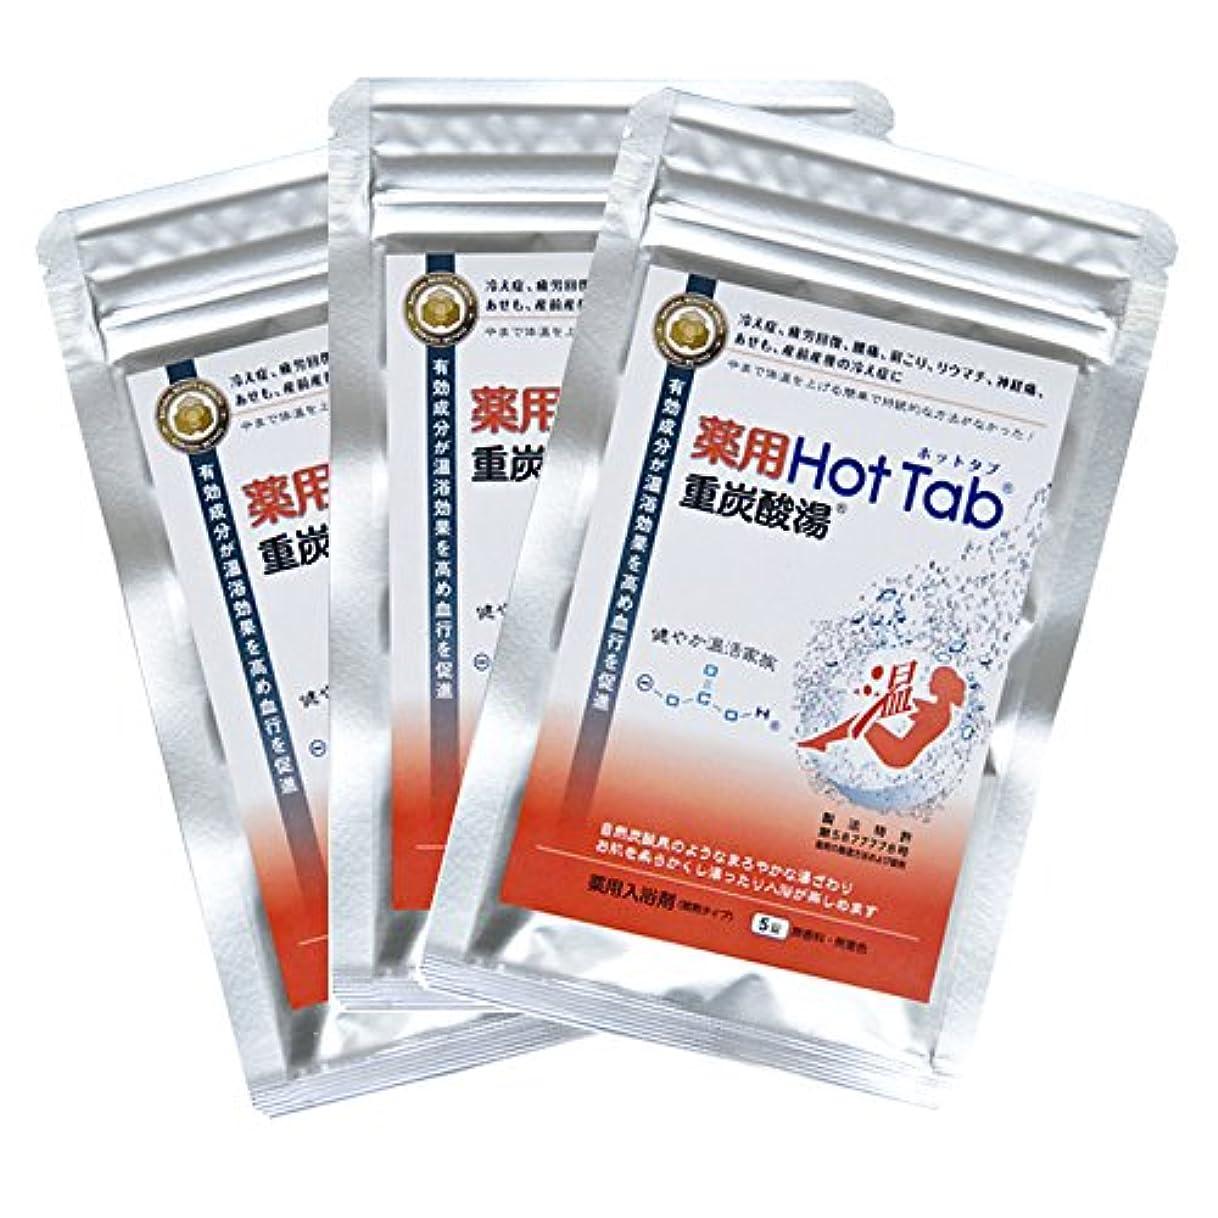 見捨てられた眠りマイクロ薬用 Hot Tab 重炭酸湯 5錠入りx3セット